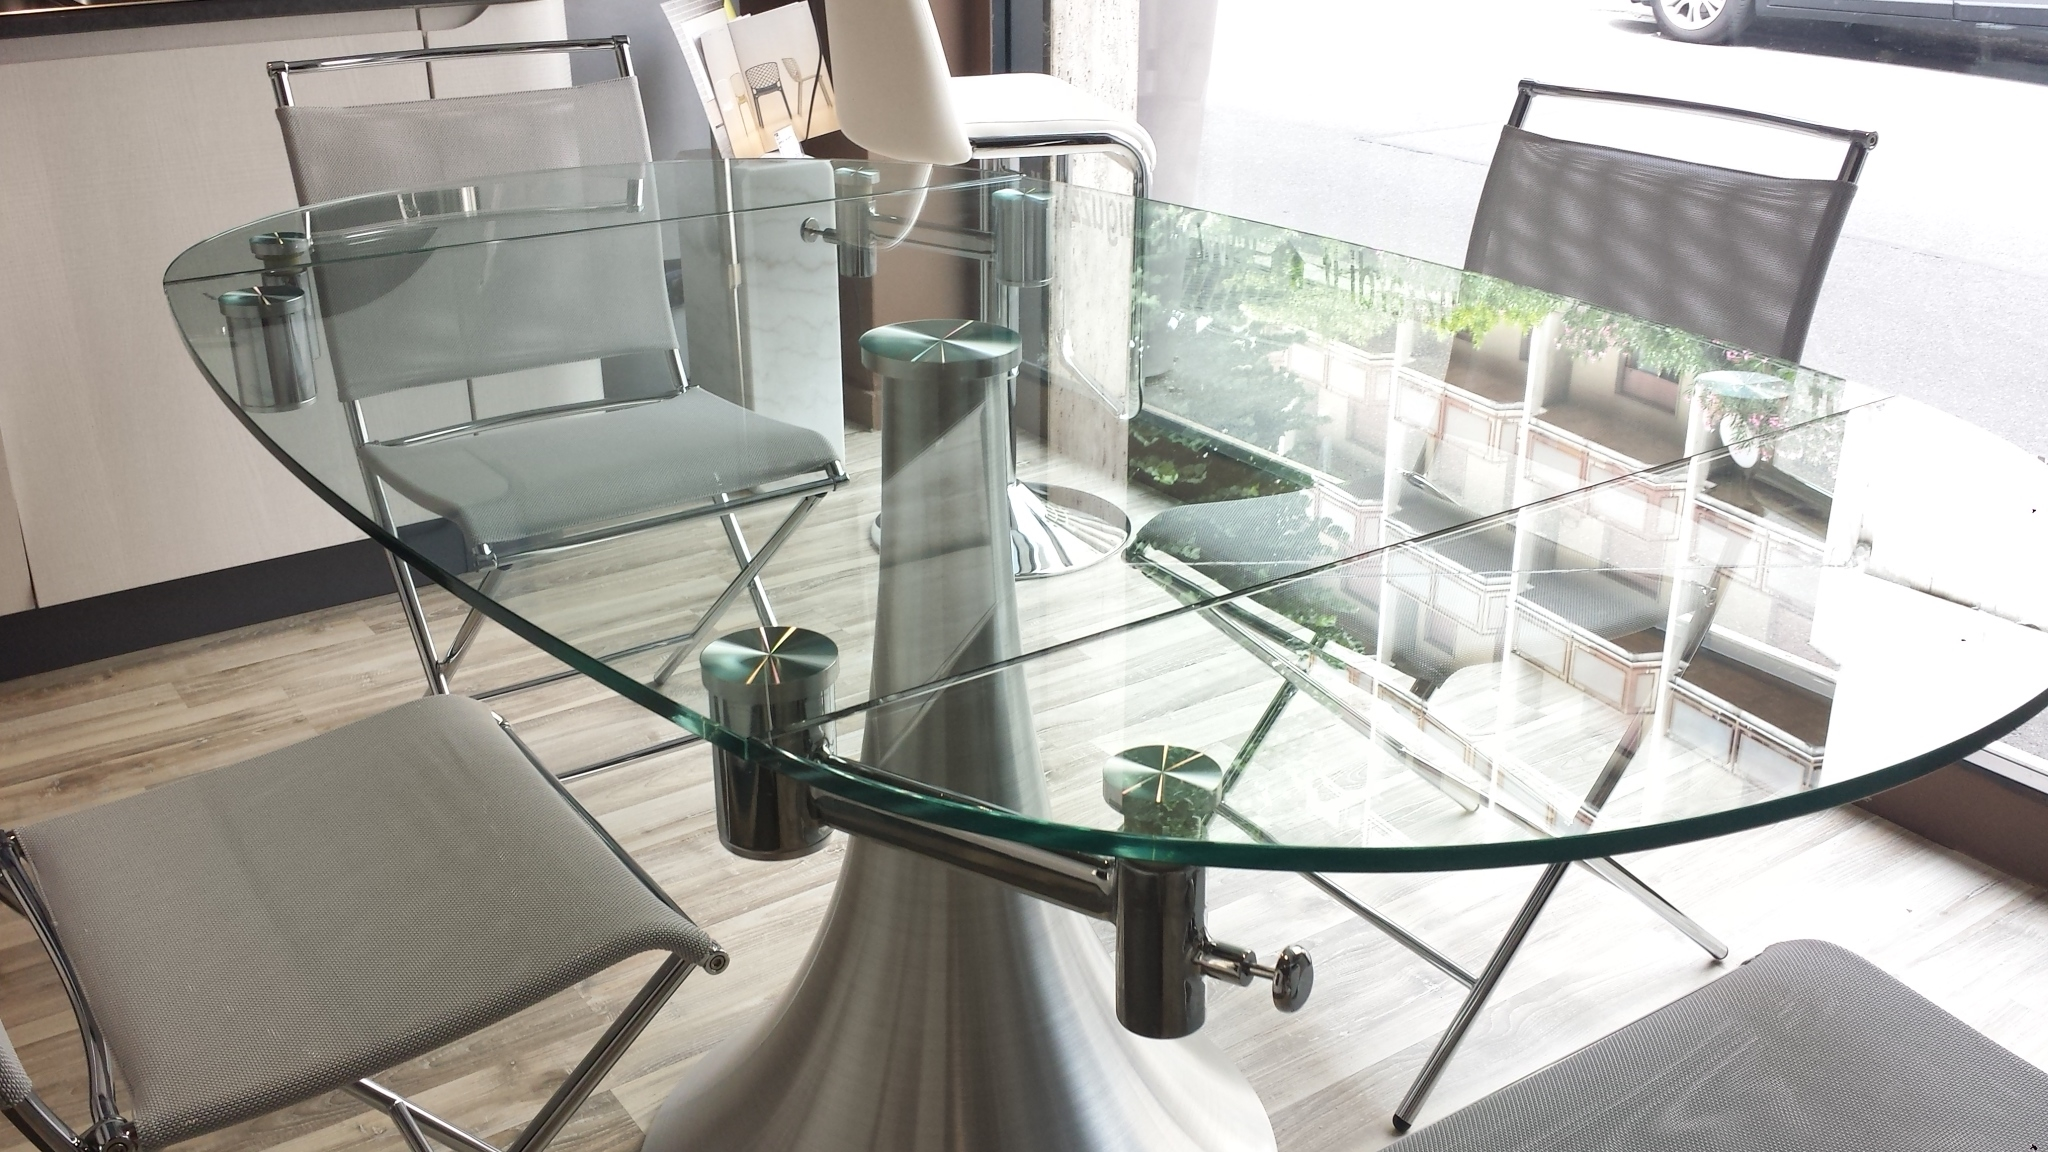 Tavolo flute allungabile vetro tavoli a prezzi scontati - Tavoli da cucina rotondi allungabili ...